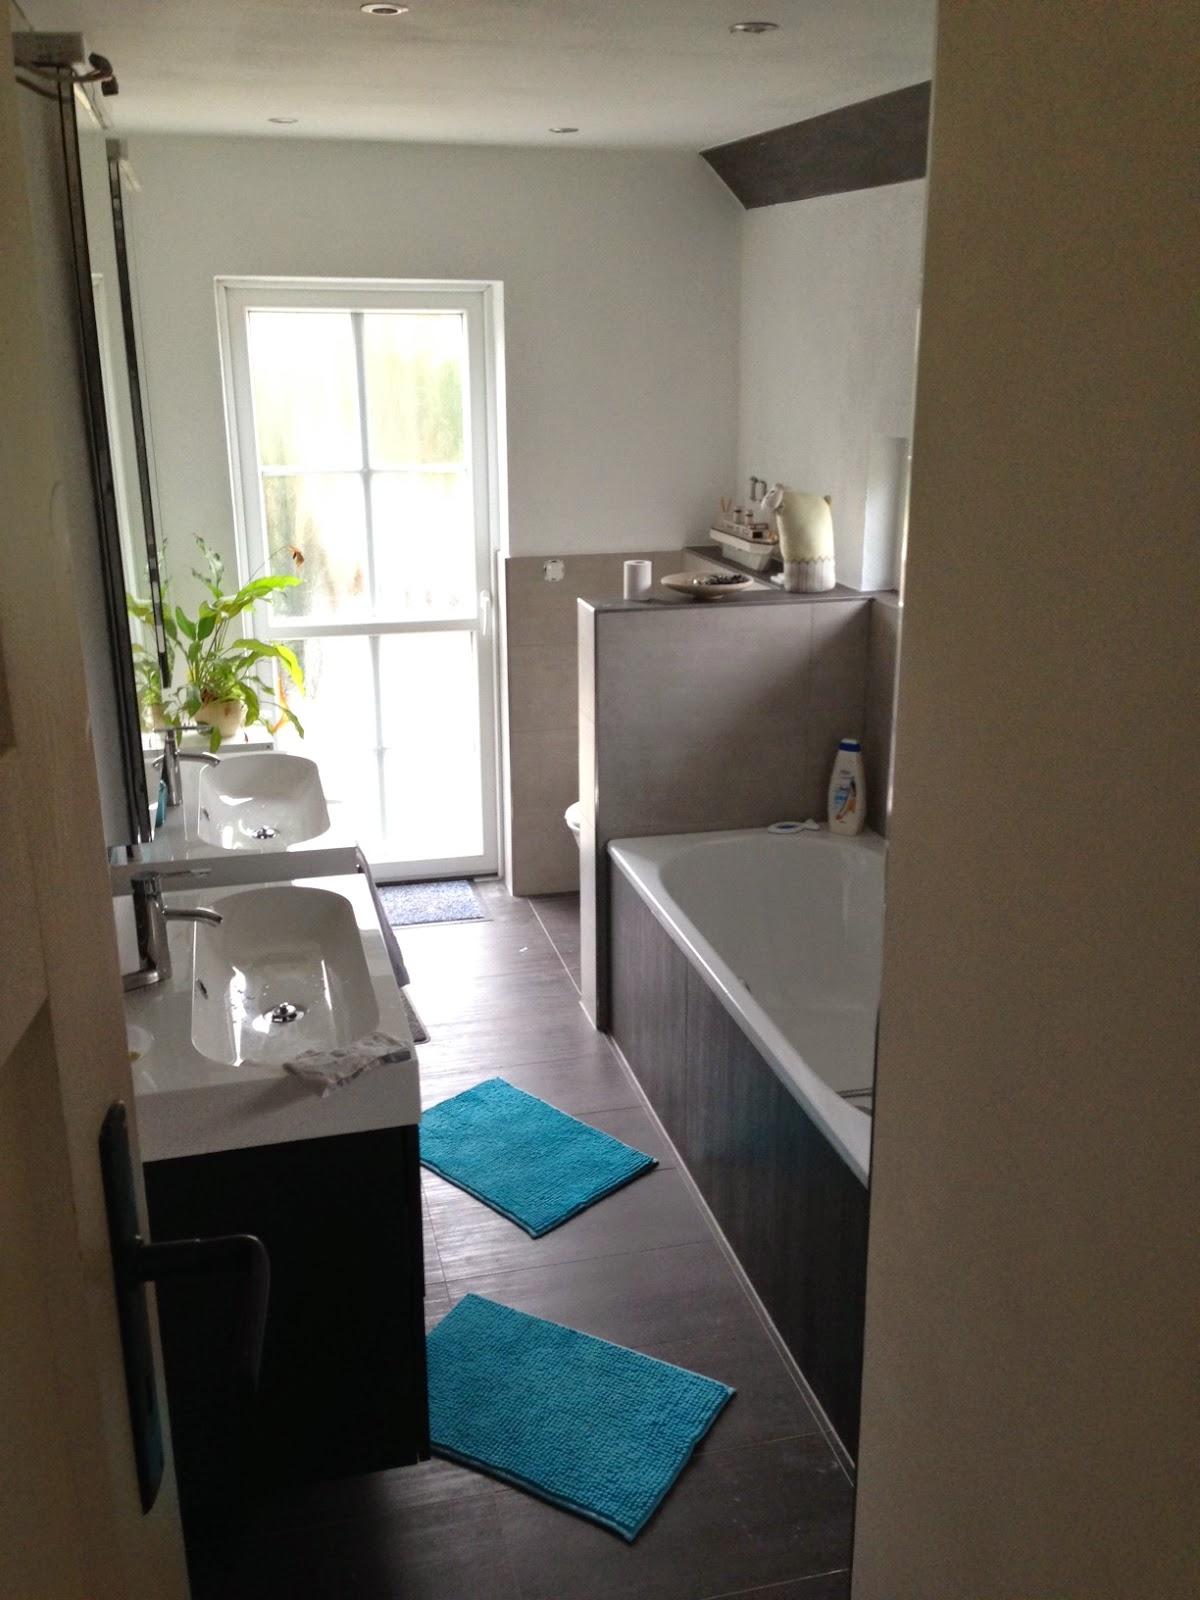 gerda 39 s machen bauen leben lieben n hen gl ck vorher nachher das badezimmer und der. Black Bedroom Furniture Sets. Home Design Ideas